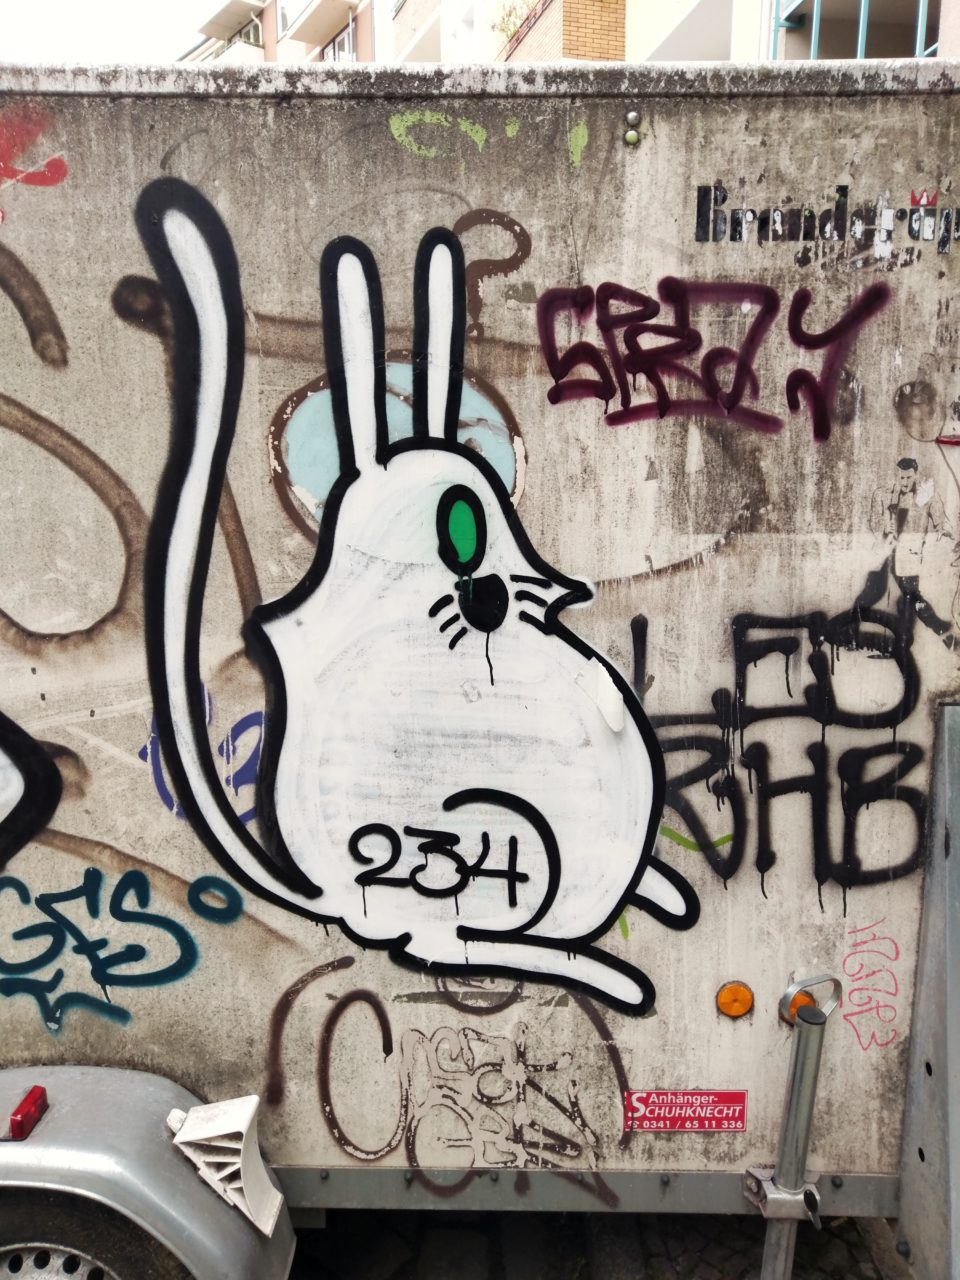 Grafitti in Neukölln